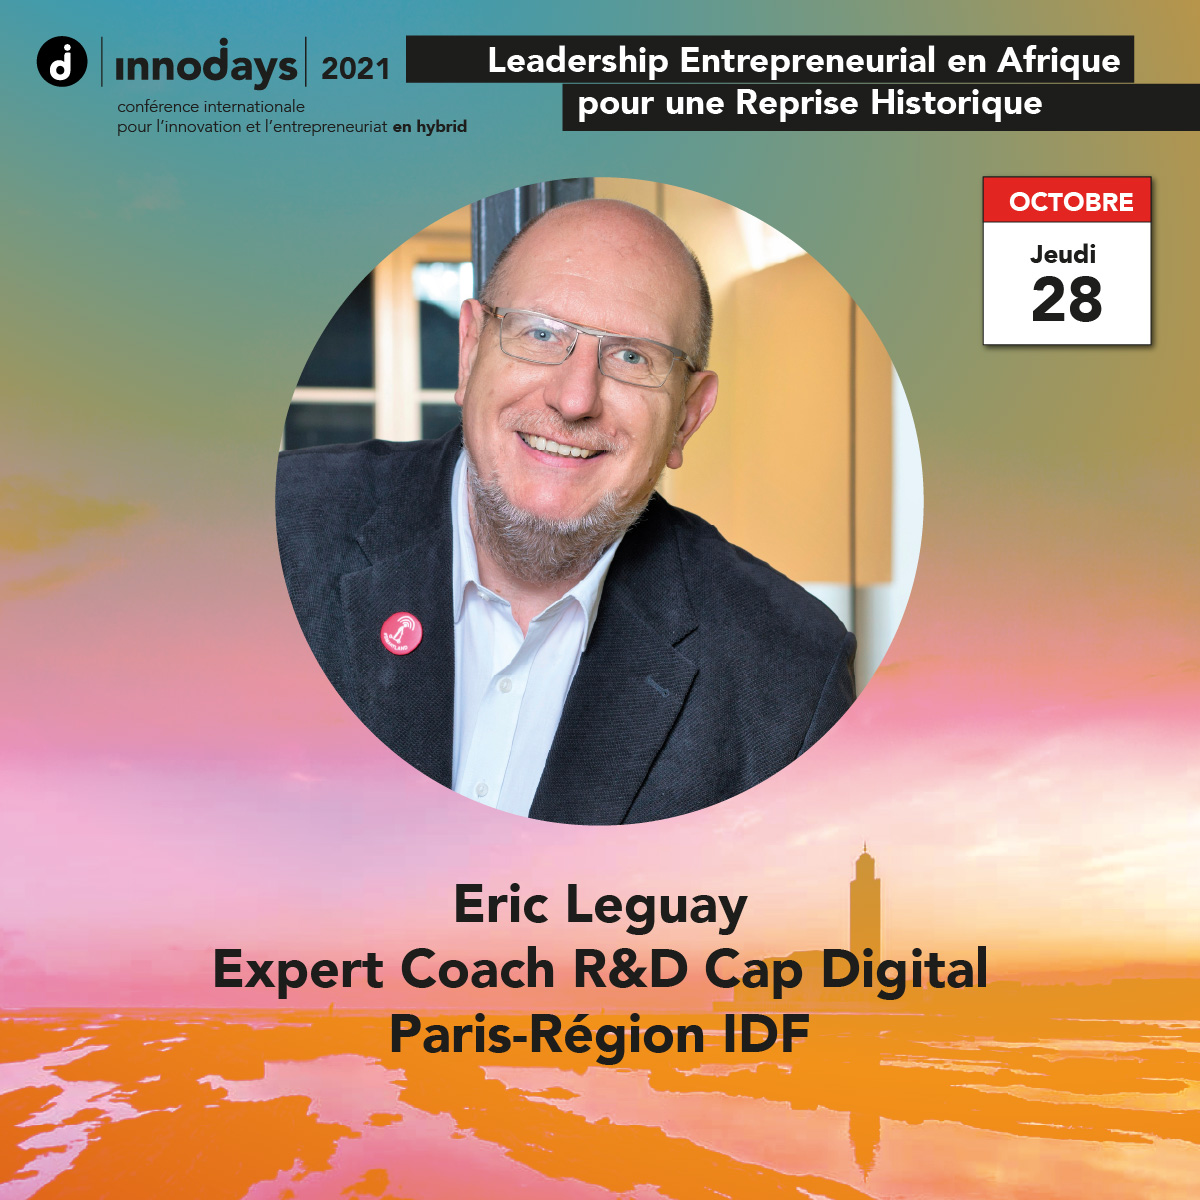 Eric Leguay - Expert Coach R&D Cap Digital - Paris-Région IDF